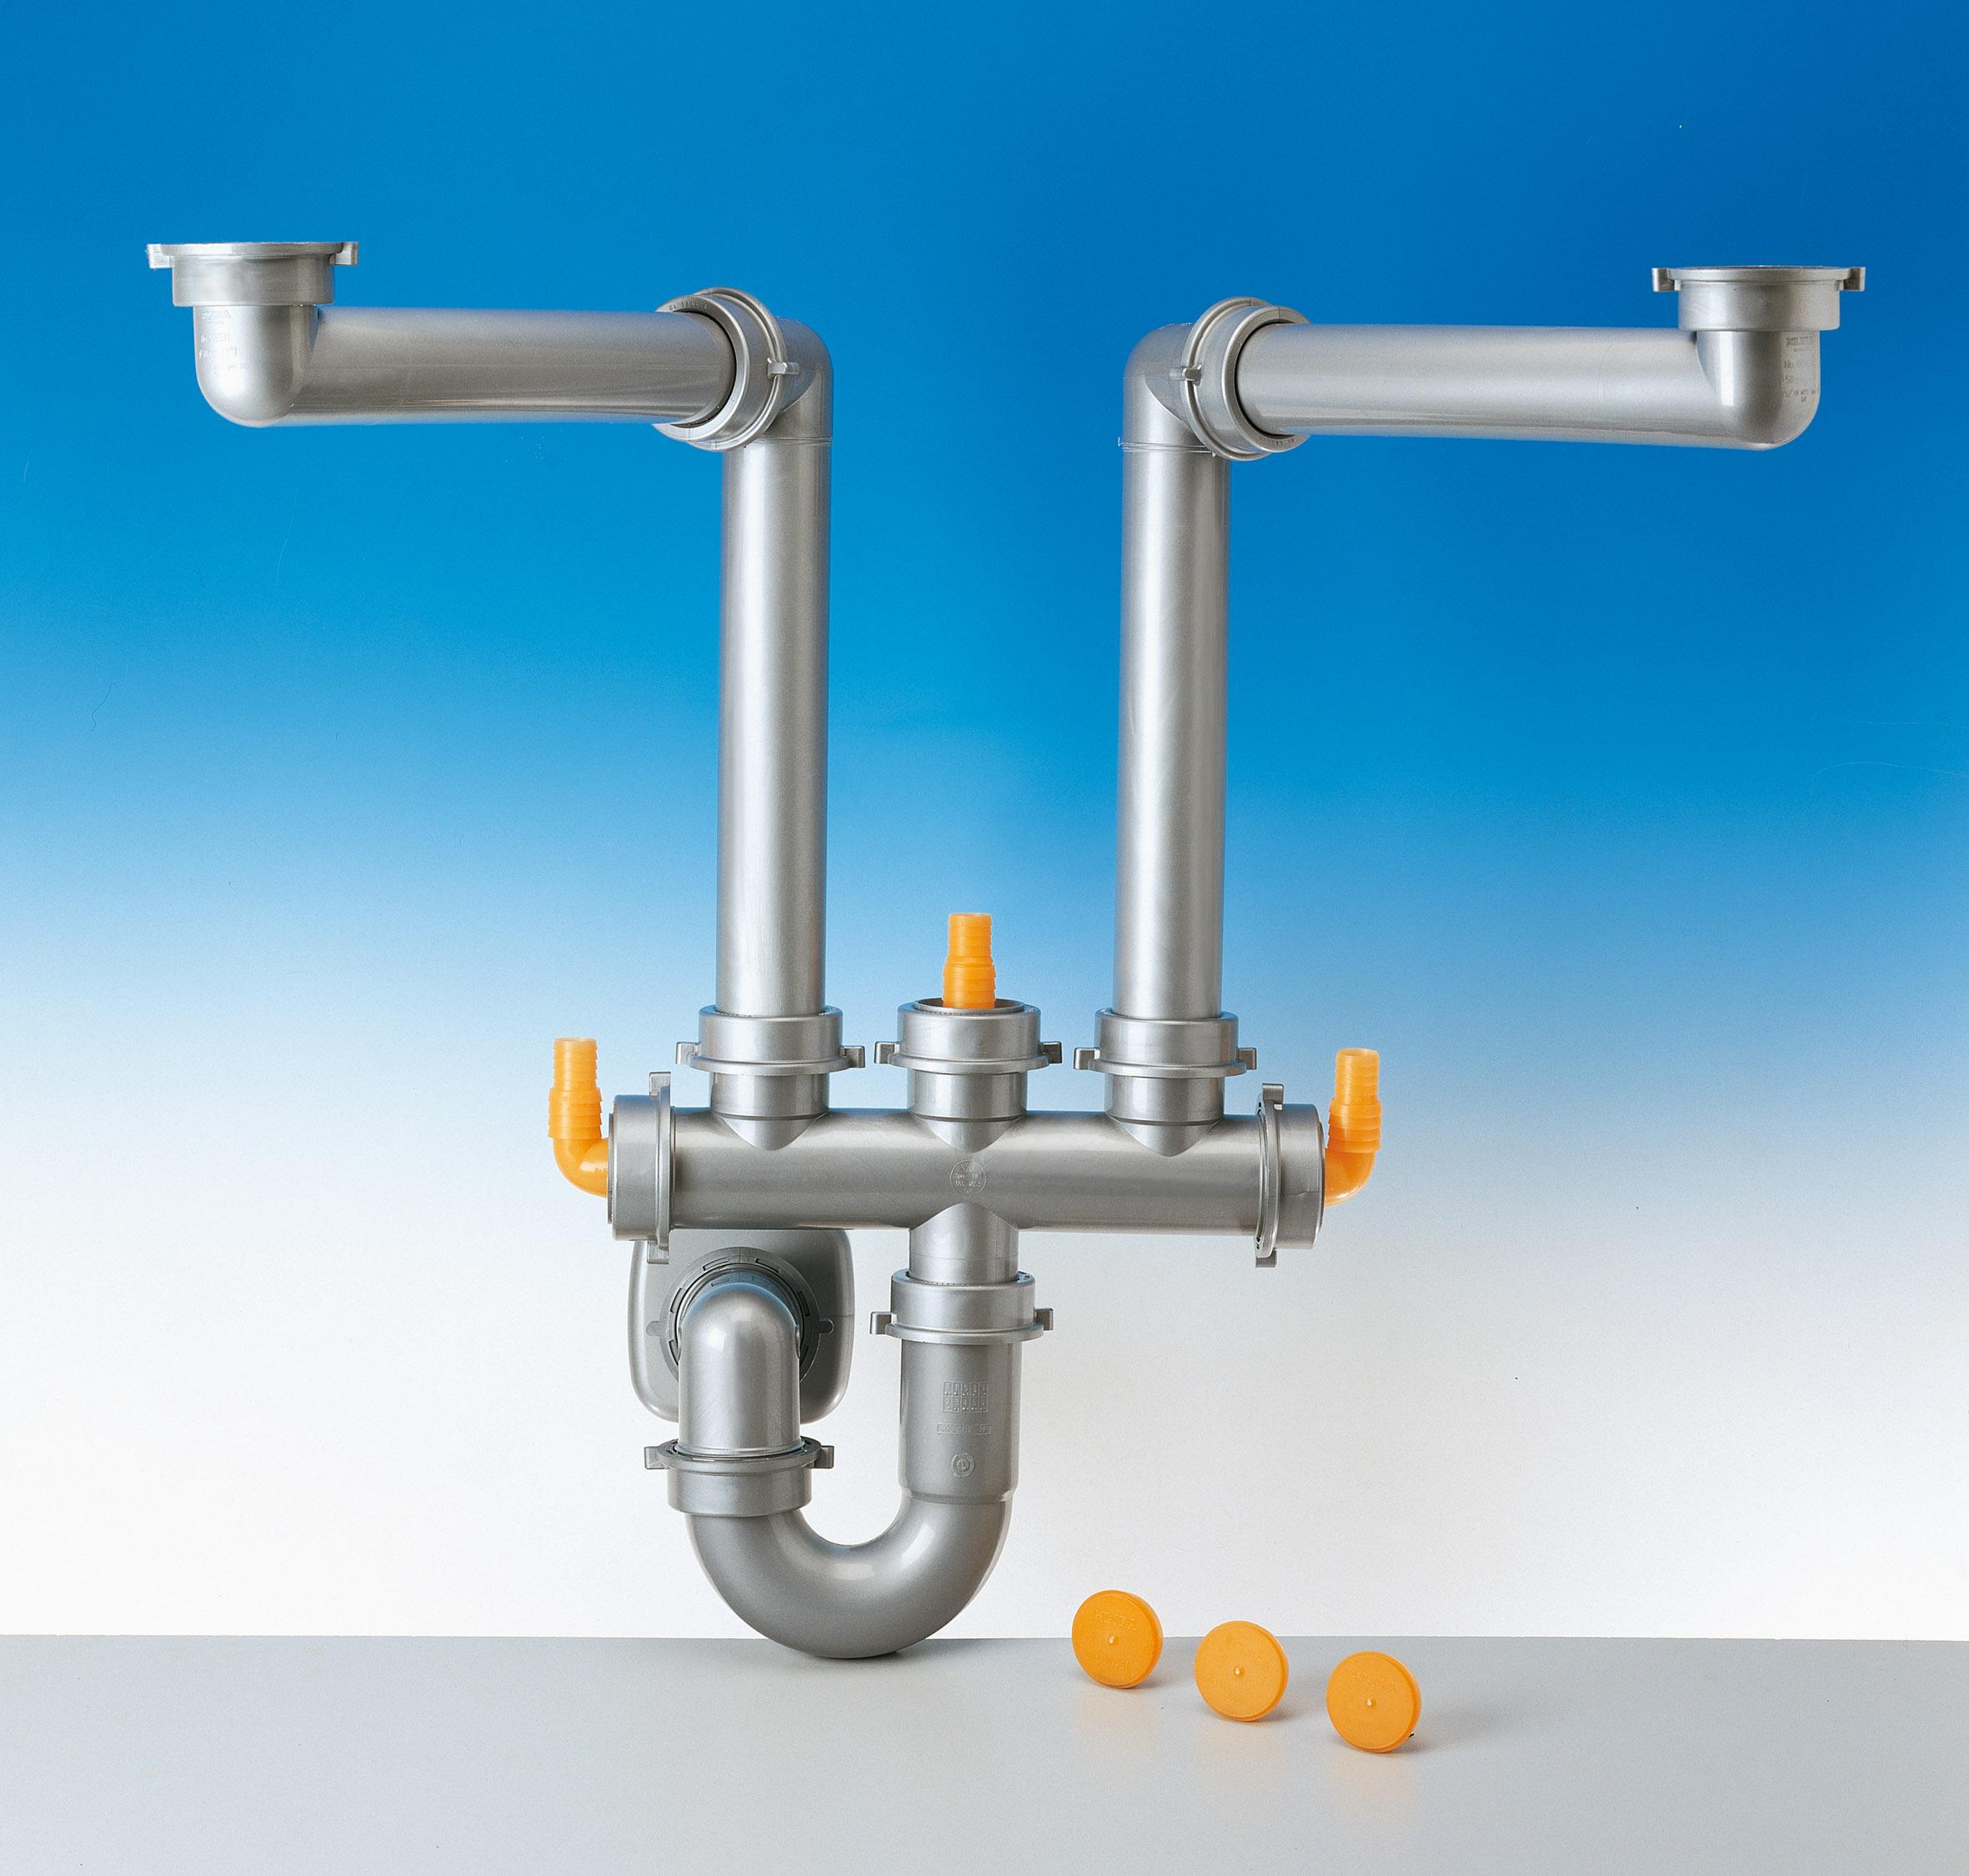 Sifone salvaspazio per lavelli a due vasche gt il giornale del termoidraulico - Sifone lavandino cucina ...